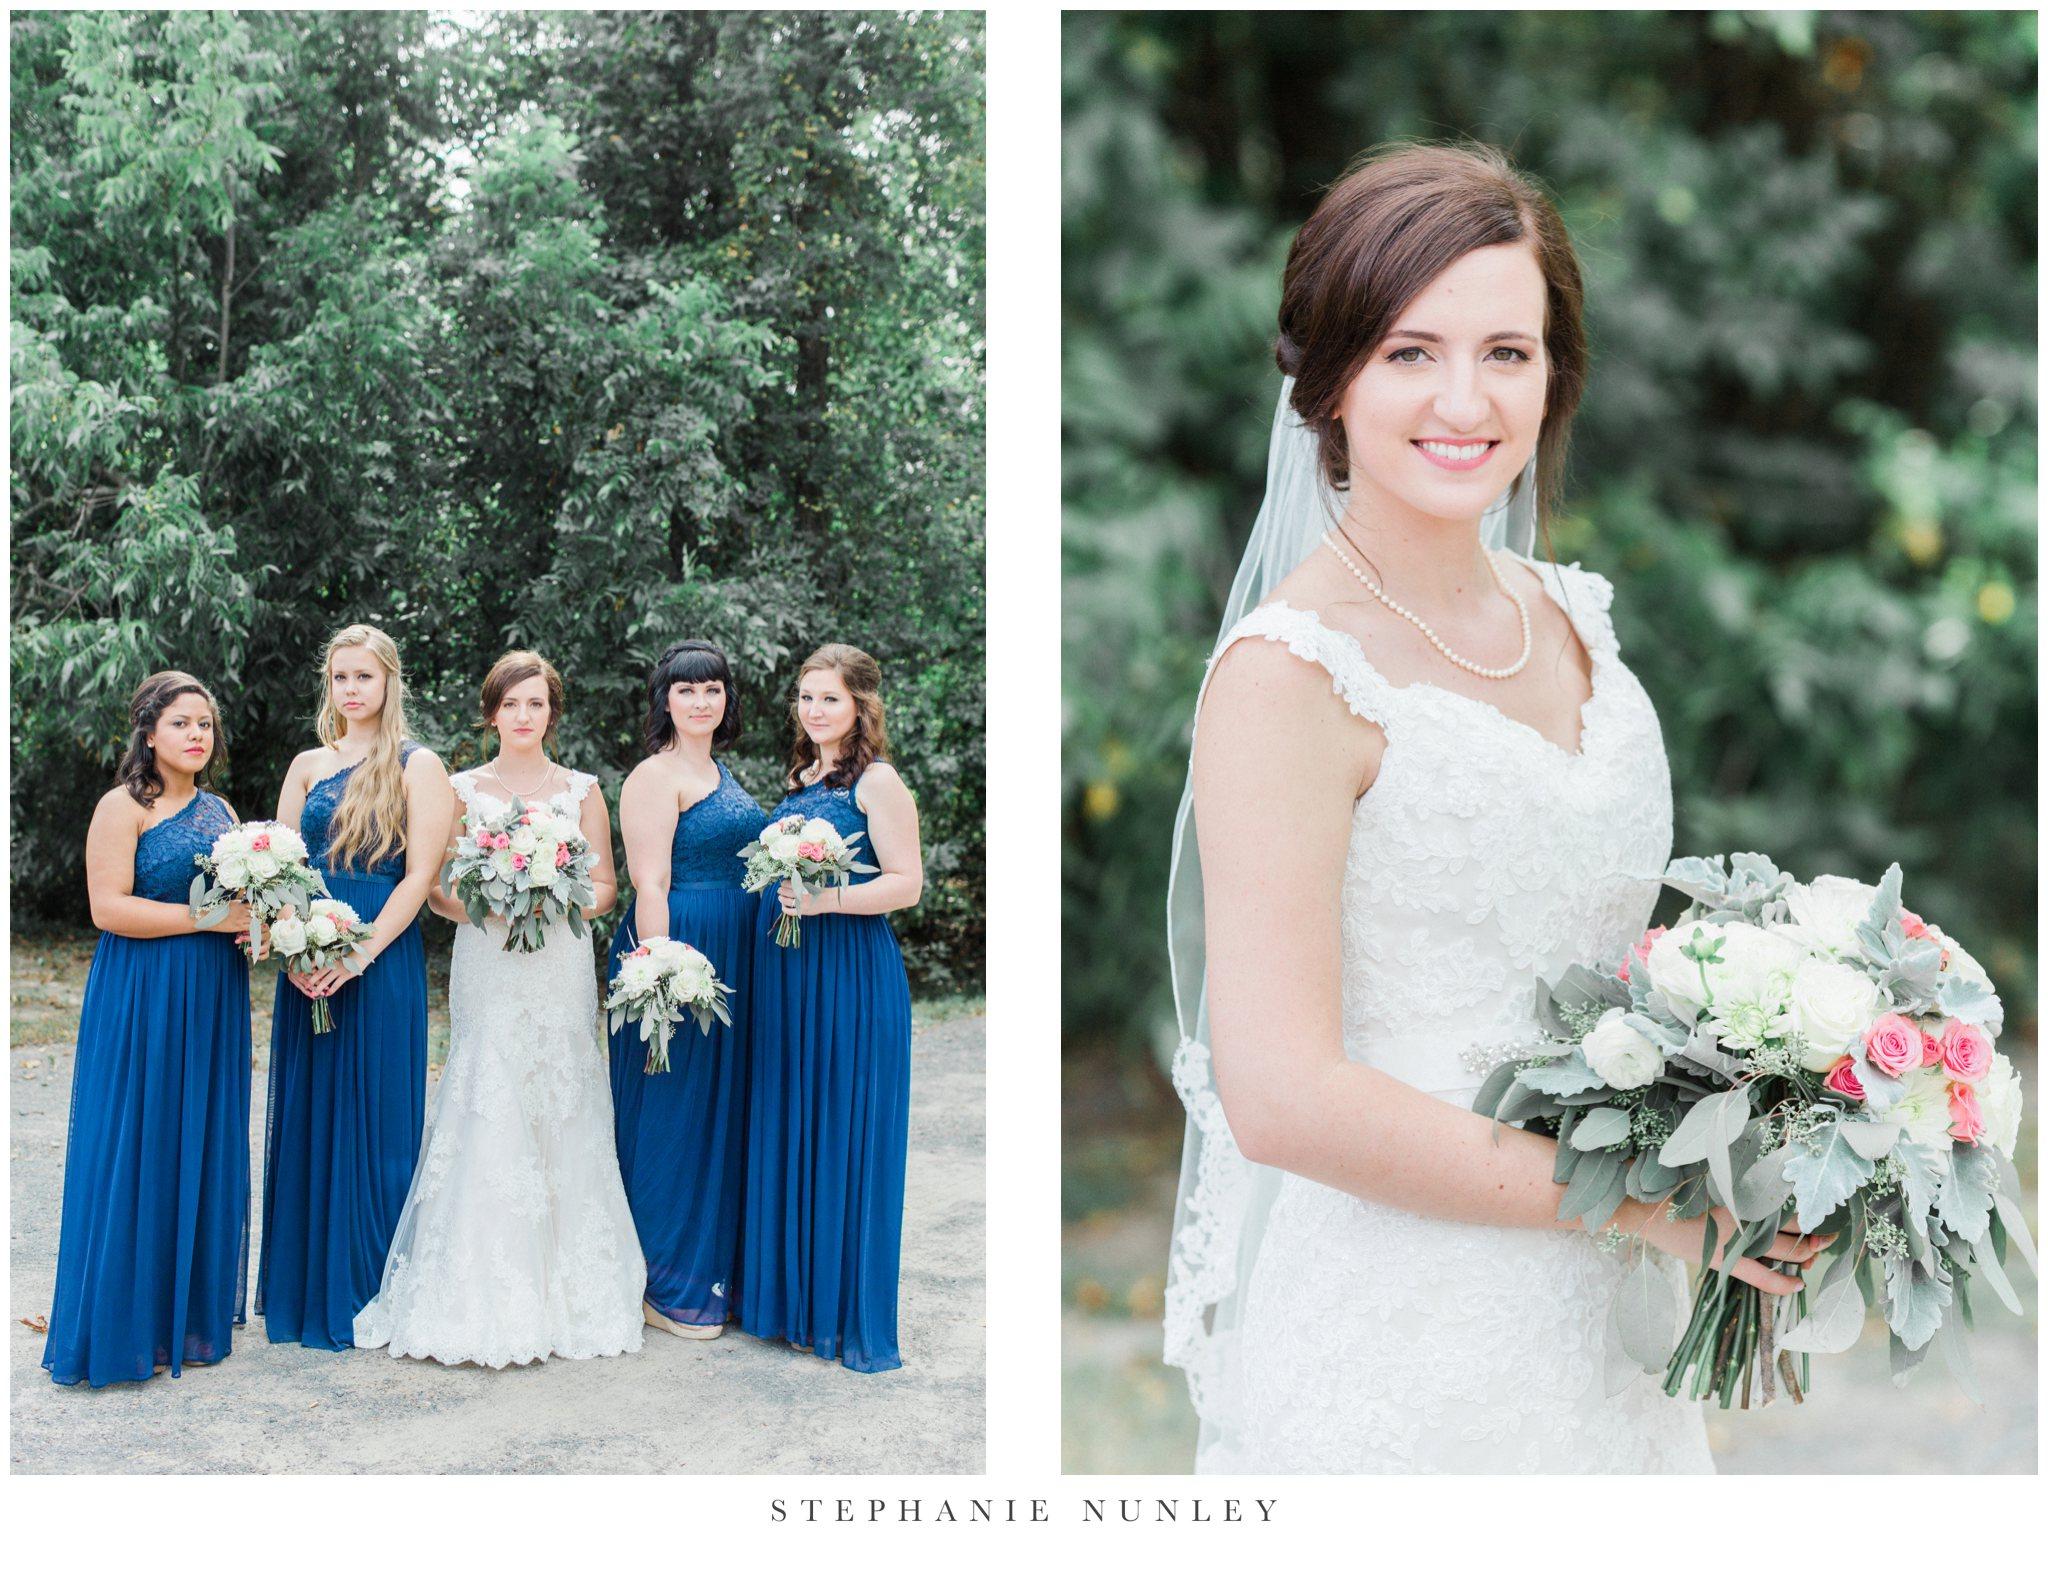 arkansas-outdoor-film-inspired-wedding-0051.jpg